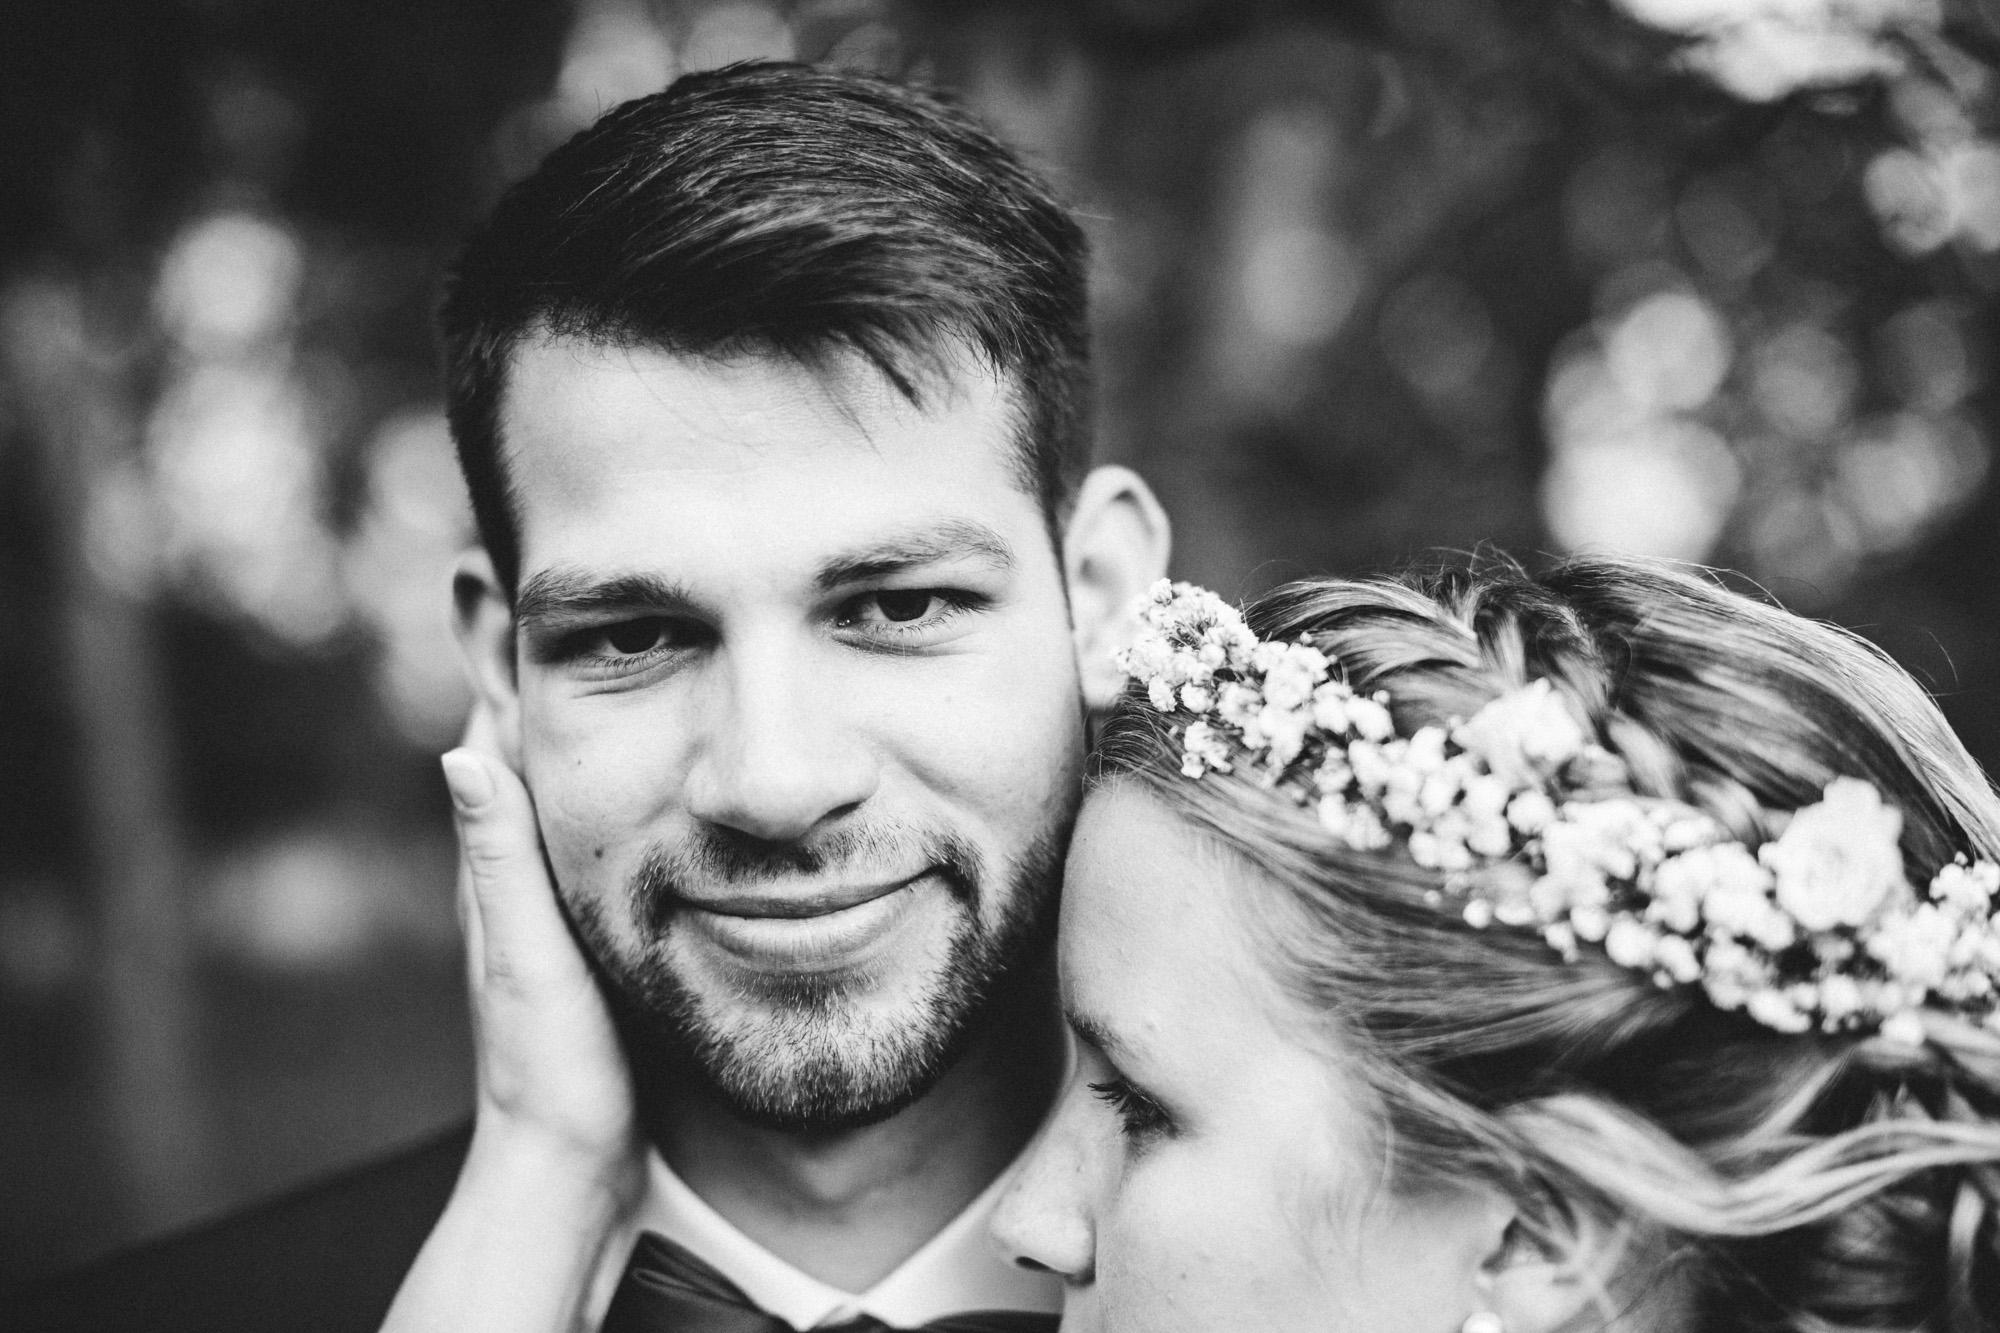 hannah und elias 500 - Schwarz-Weiß Hochzeit